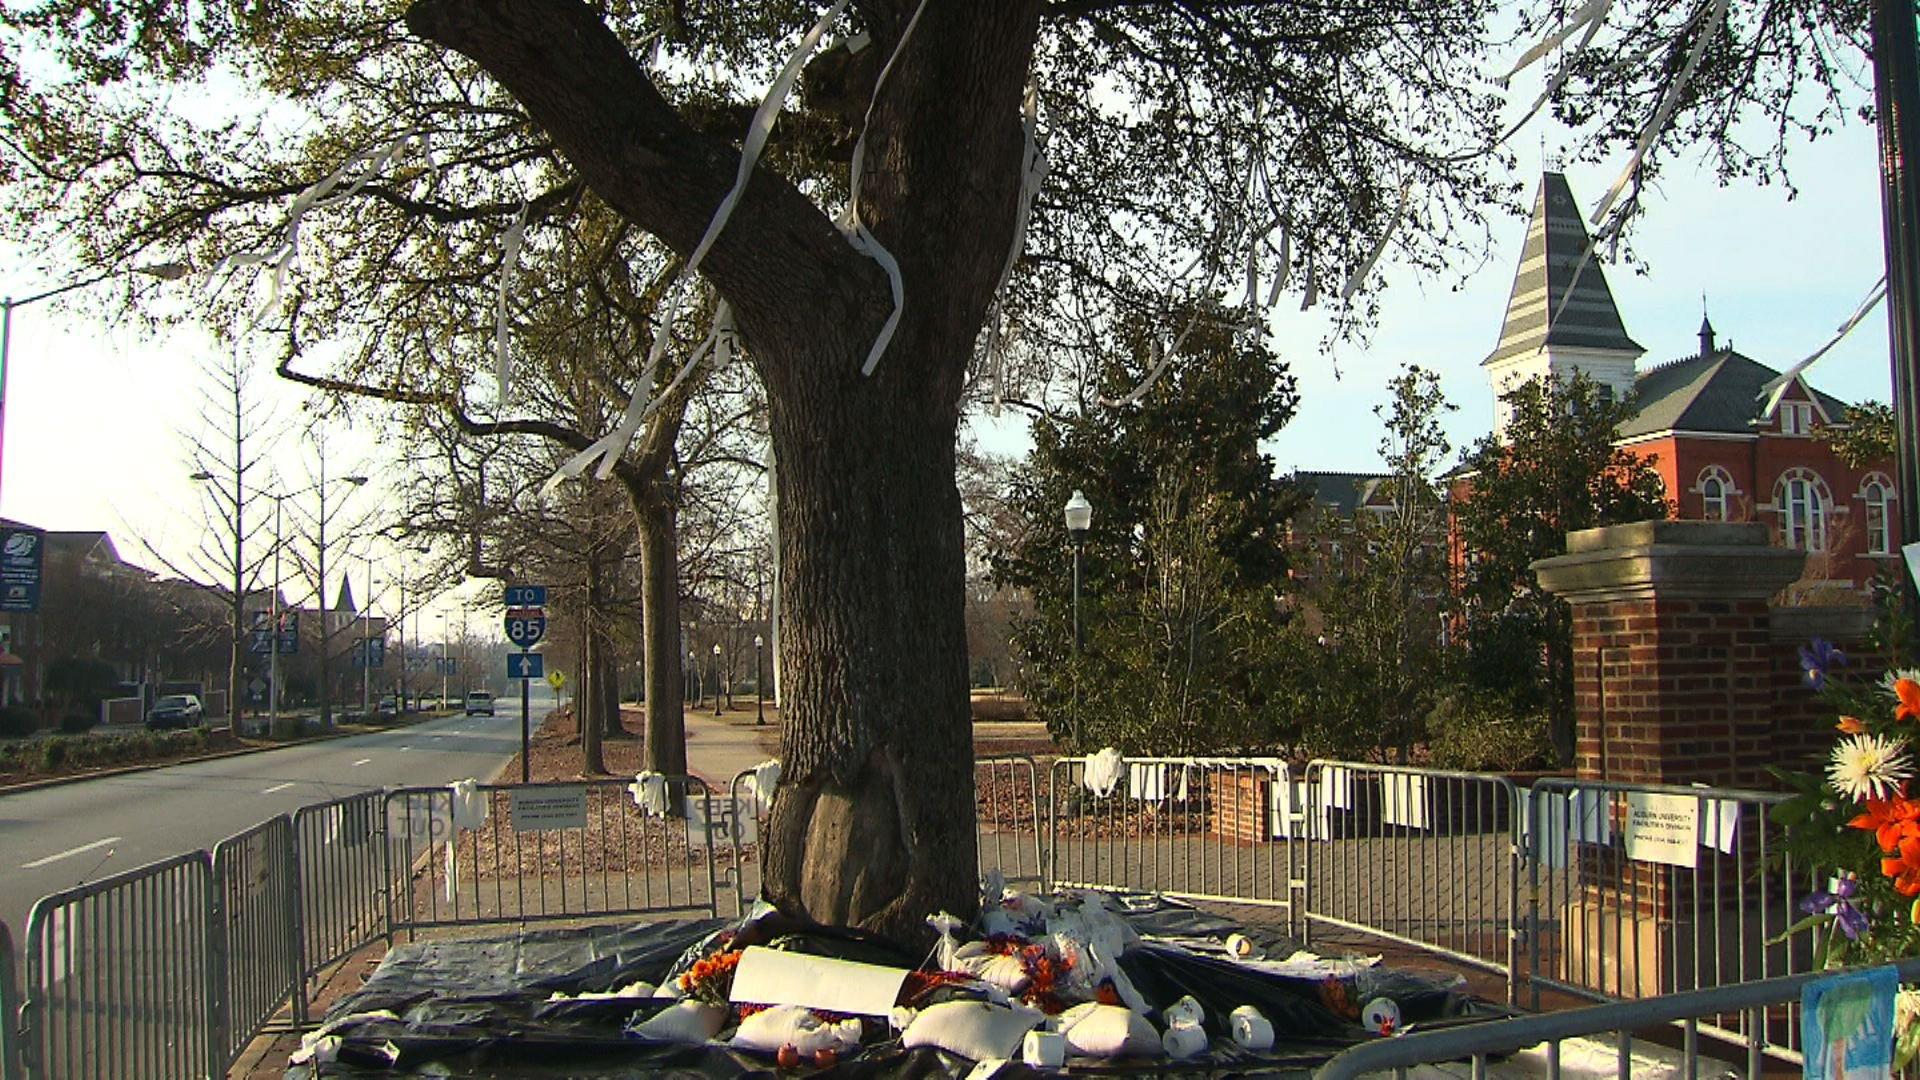 Harvey Updyke, who poisoned landmark oak trees at Auburn University, dies at 71